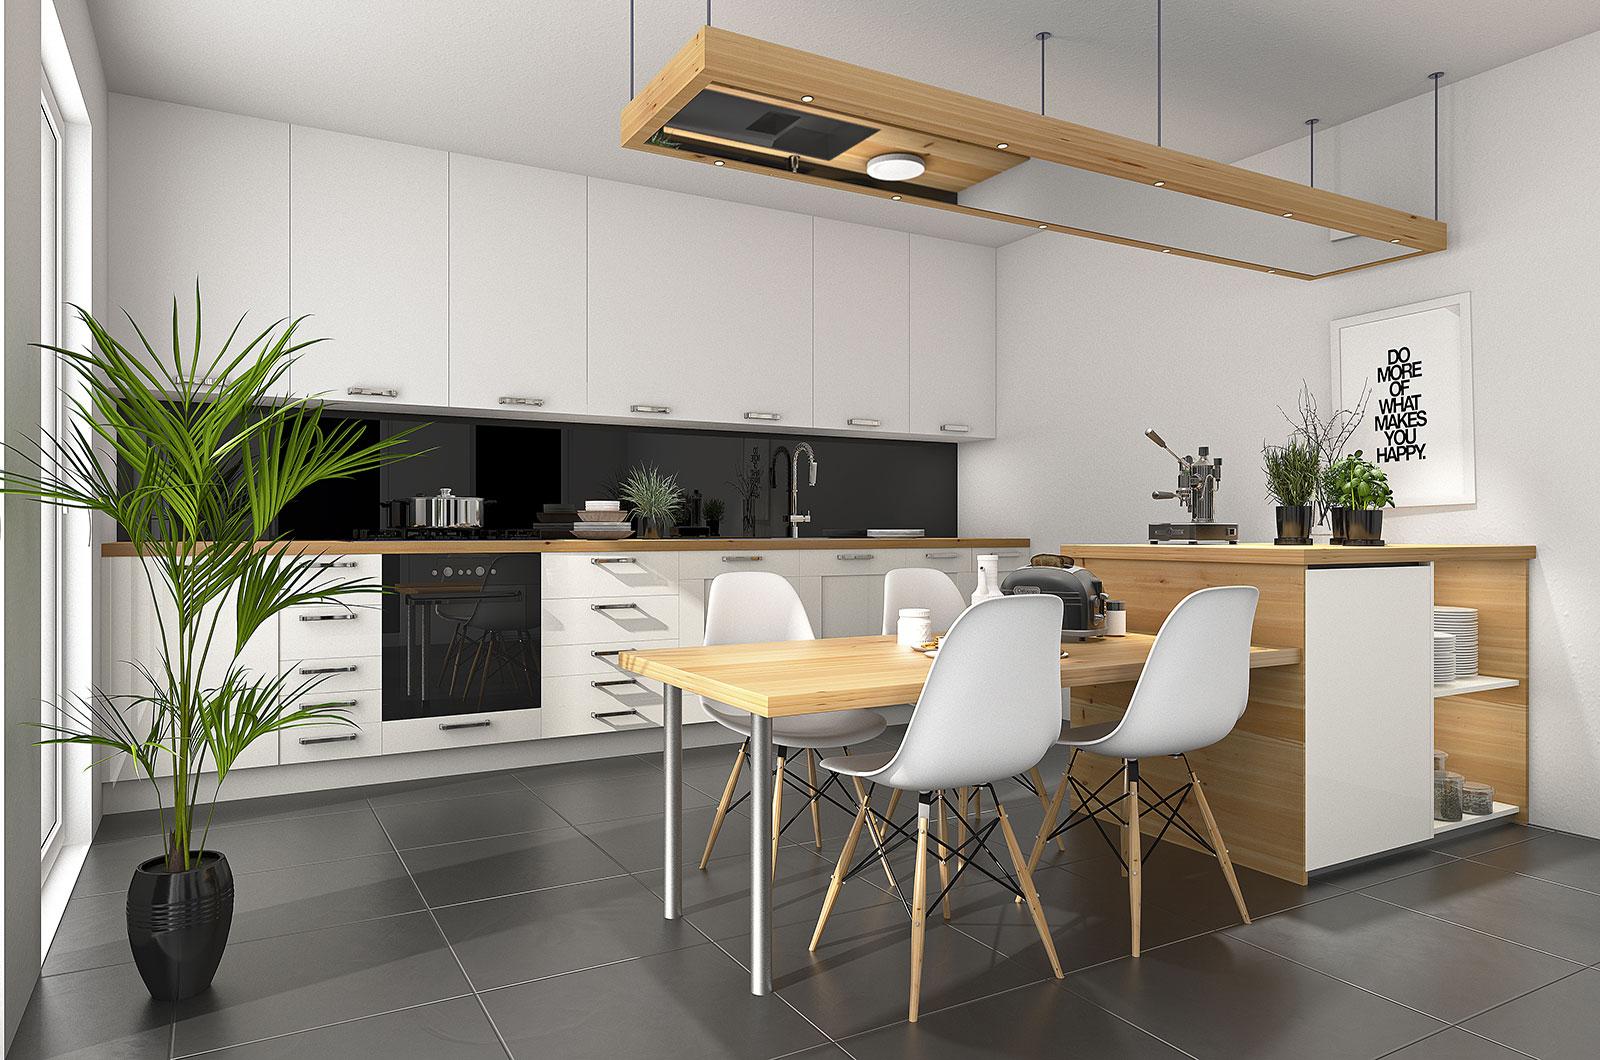 LED Küchenbeleuchtung  | Funktional & stimmungsvoll